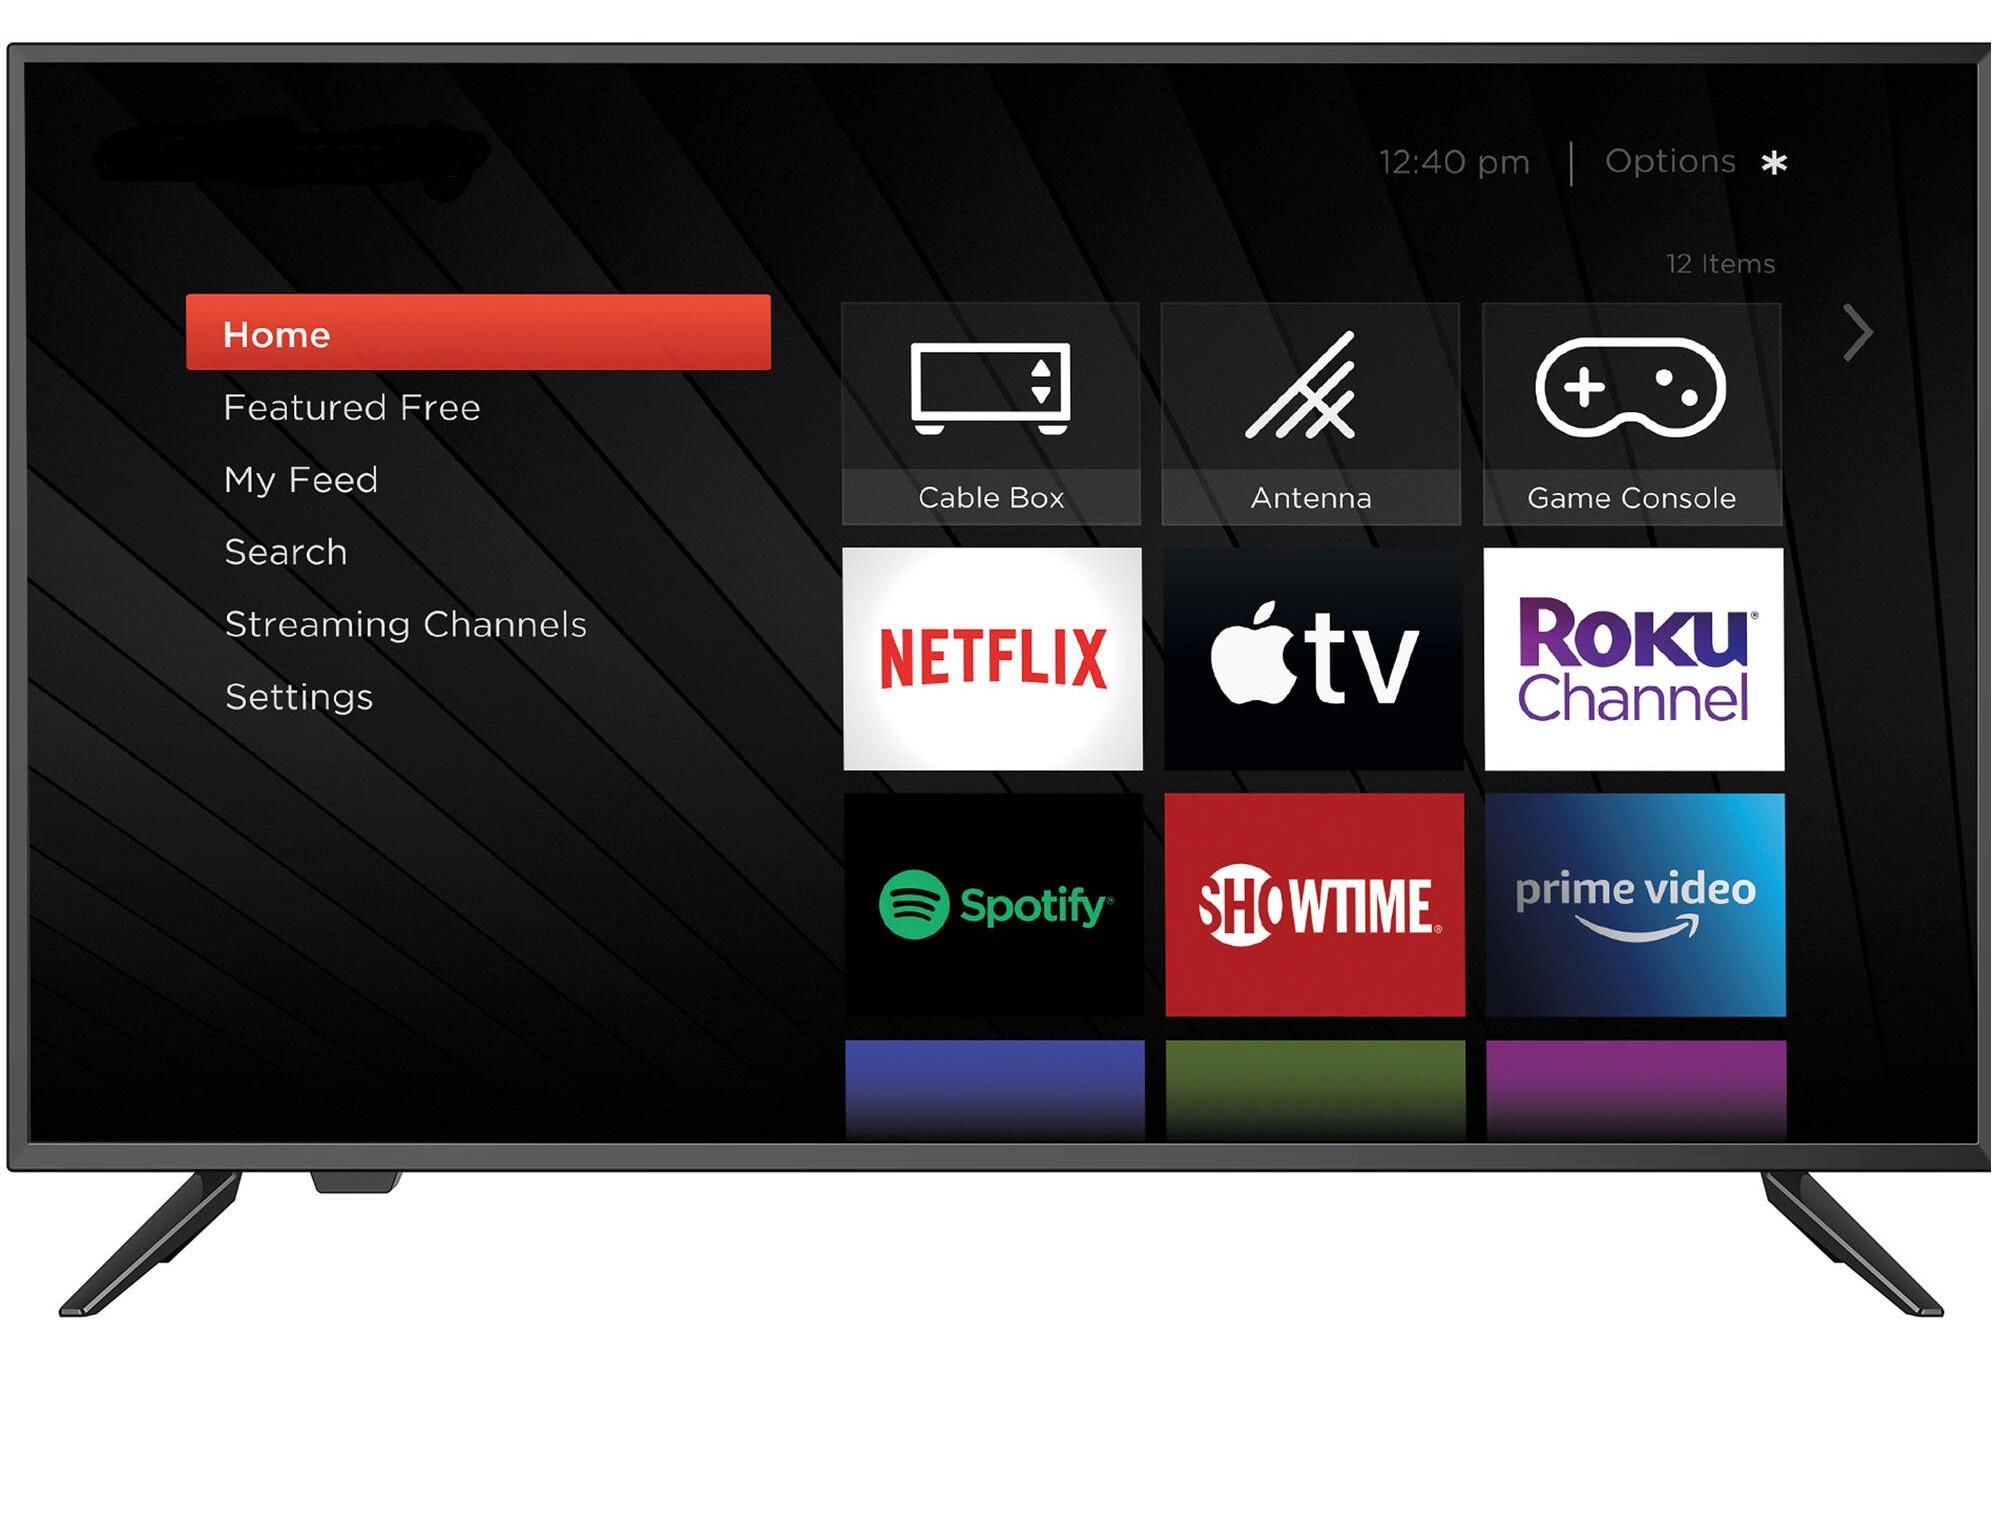 smart tv 1 - TV. Il lockdown premia oltremisura i servizi streaming. La tv lineare trema. Prove di resistenza dei broadcaster